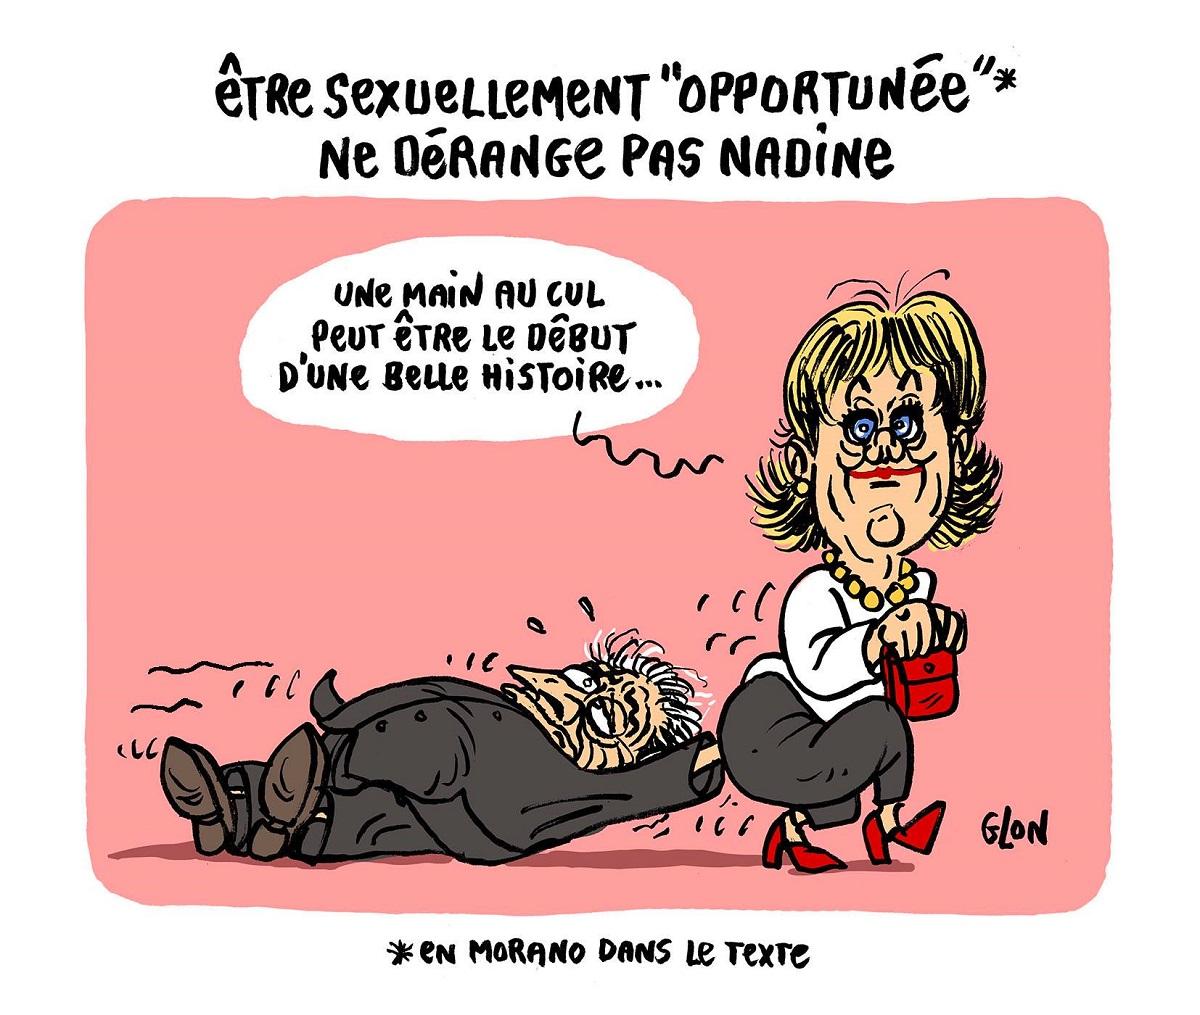 dessin humoristique de Nadine Morano avec une main au cul